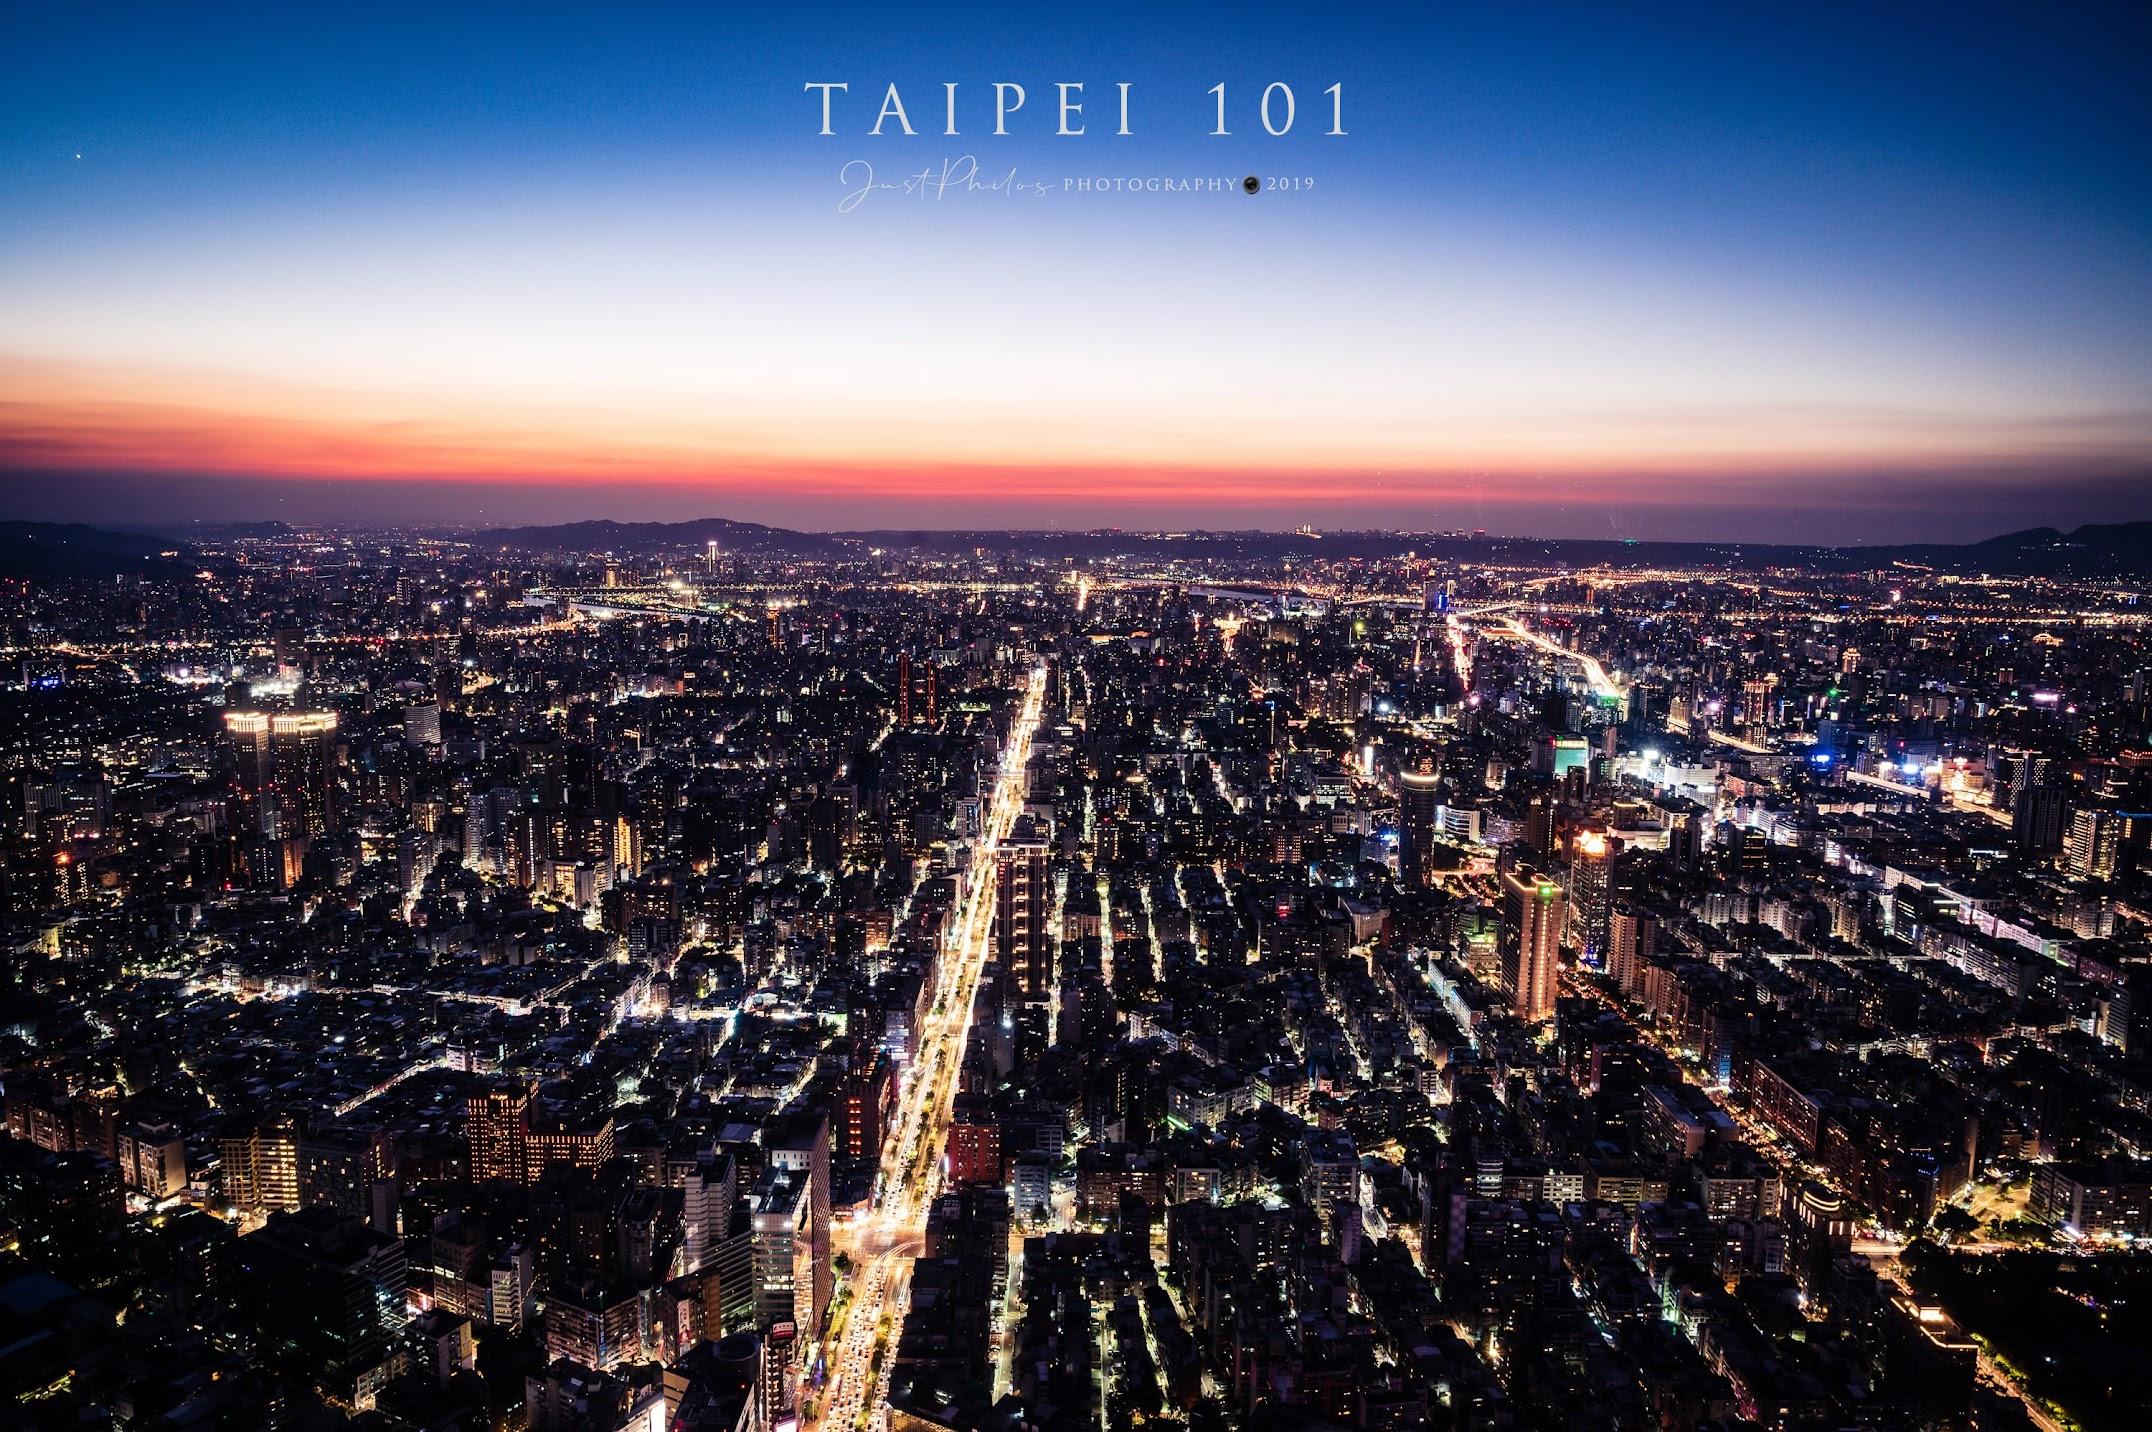 趁著太陽日落半小時的黃金時段,還可拍攝到霞光與台北夜景同時並存的絕妙景色。